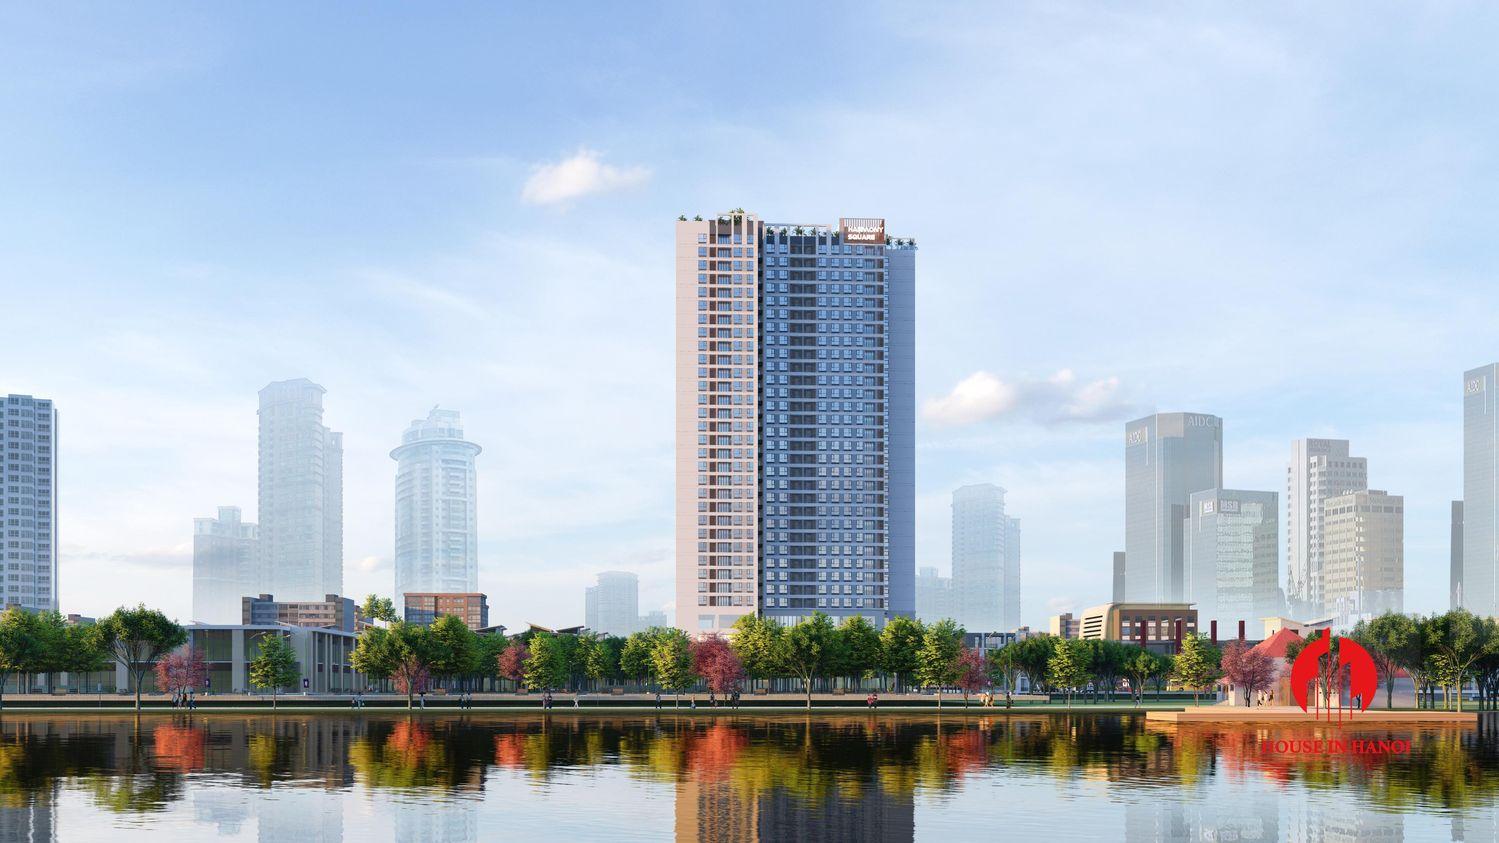 bán dự án chung cư căn hộ harmony square 3